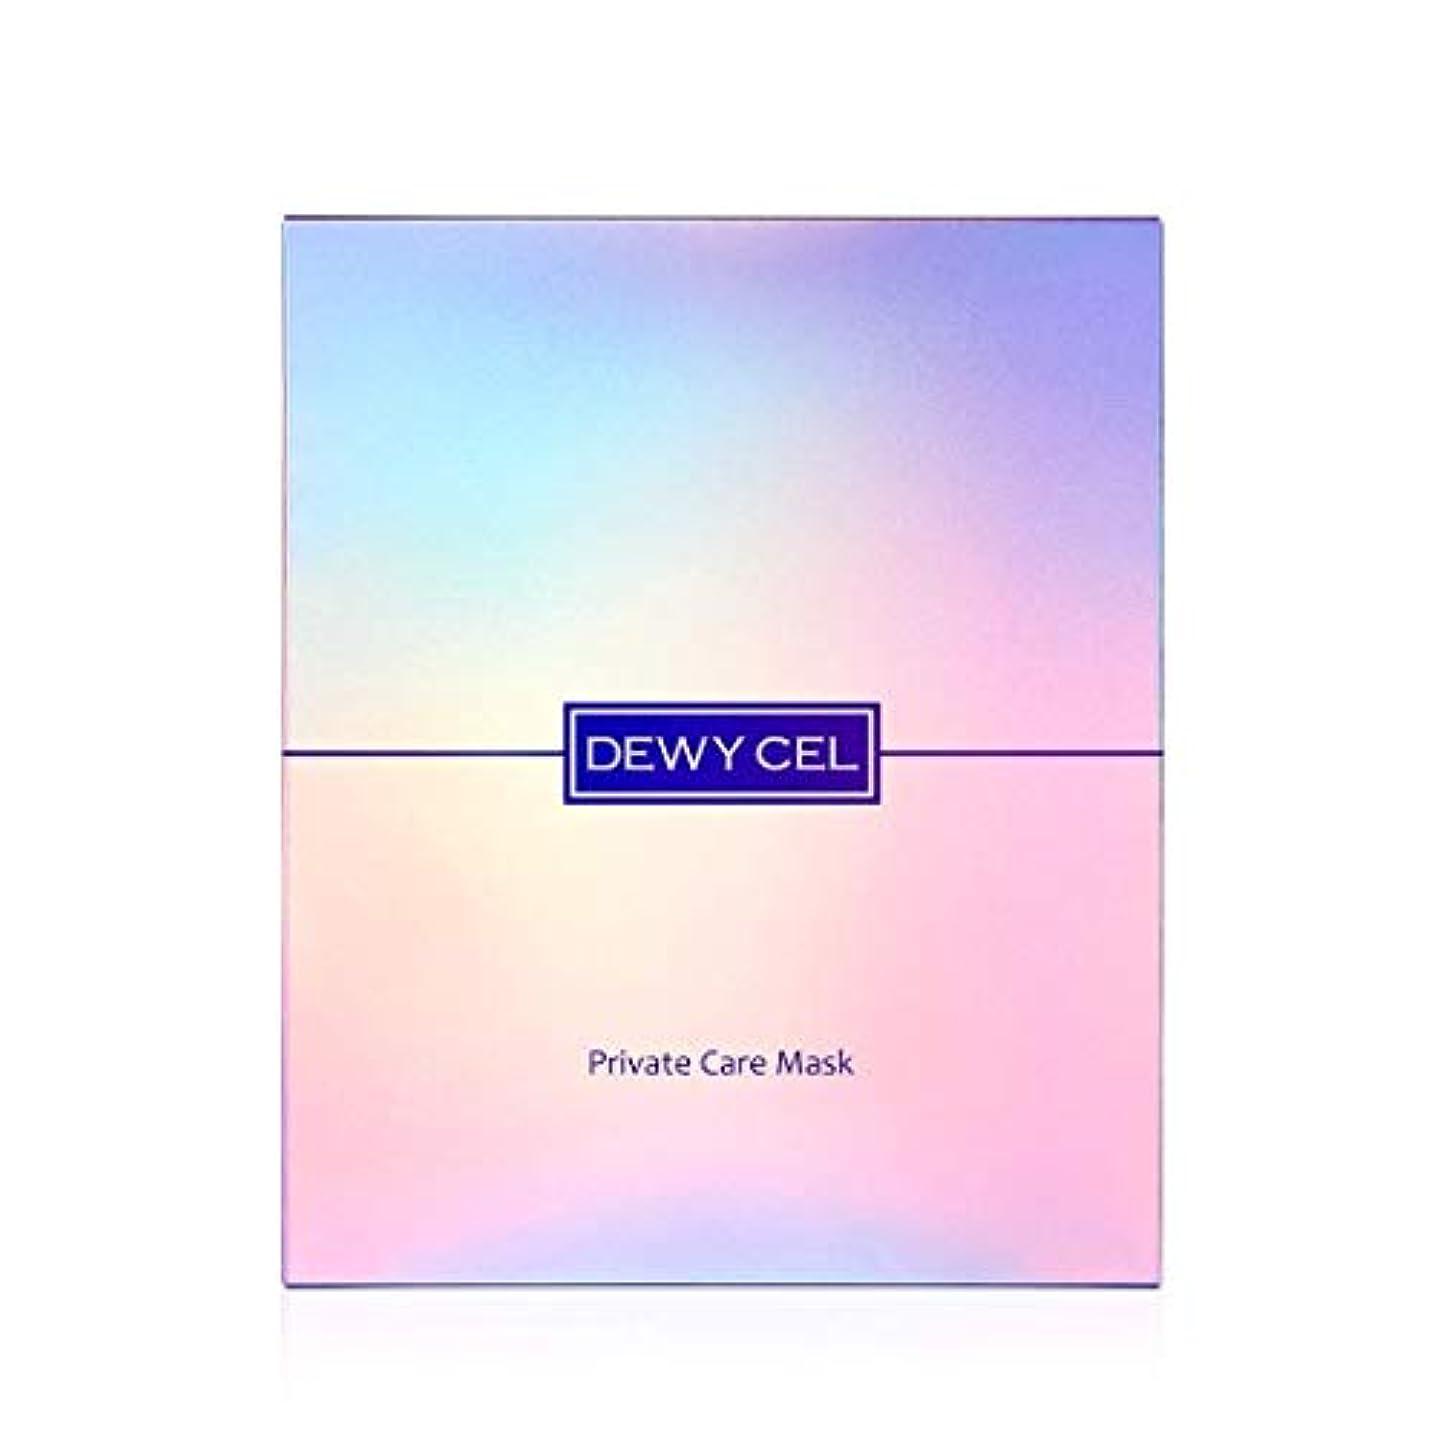 線形アジテーションインサート[DEWYCEL] Private Care Mask デュイセル プライベート ケアマスク [海外直送品] [並行輸入品]